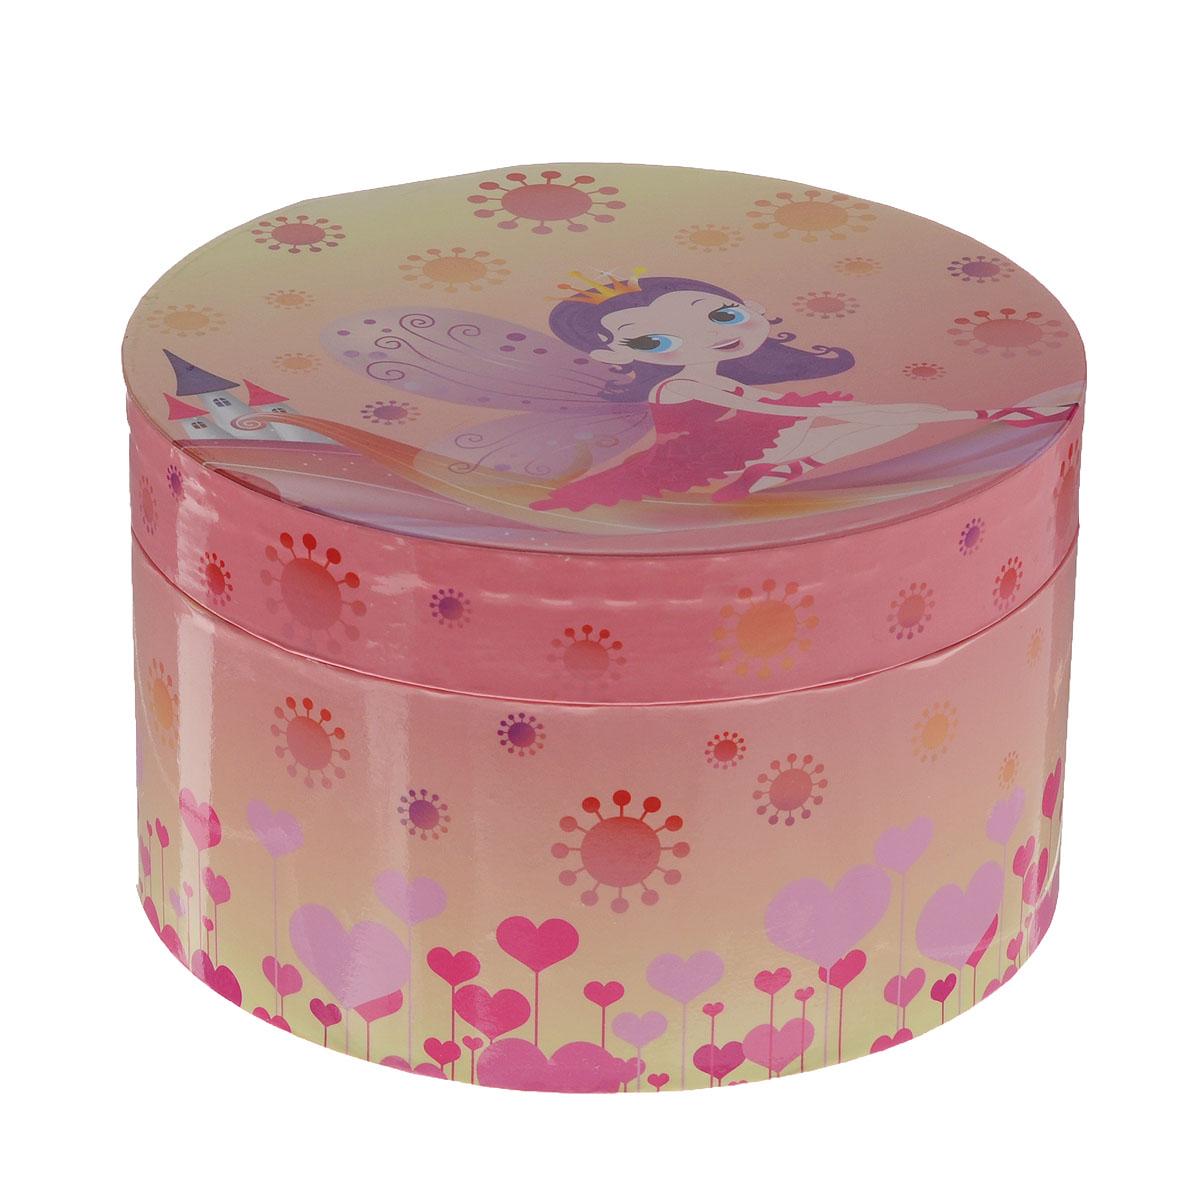 Музыкальная шкатулка Jakos Принцесса, цвет: розовый, желтый614000_4Яркая музыкальная шкатулка Jakos Принцесса приведет в восторг вашу малышку. Шкатулка выполнена из пластика и оформлена ярким изображением сказочной принцессы-феи на фоне волшебного замка. Внутри шкатулки находятся одно отделение для хранения разнообразных украшений, небольшое зеркальце. Внутри напротив зеркальца расположена фигурка принцессы, которая при открытии крышки начинает кружиться, и звучит приятная мелодия. Внутренняя поверхность шкатулки отделана мягкой светло-розовой тканью. Шкатулка оснащена металлическим заводным механизмом. Приятная мелодия музыкальной шкатулки успокаивает и дарит романтическое настроение. Шкатулка оформлена в нежных пастельных тонах и прекрасно впишется в любой интерьер.